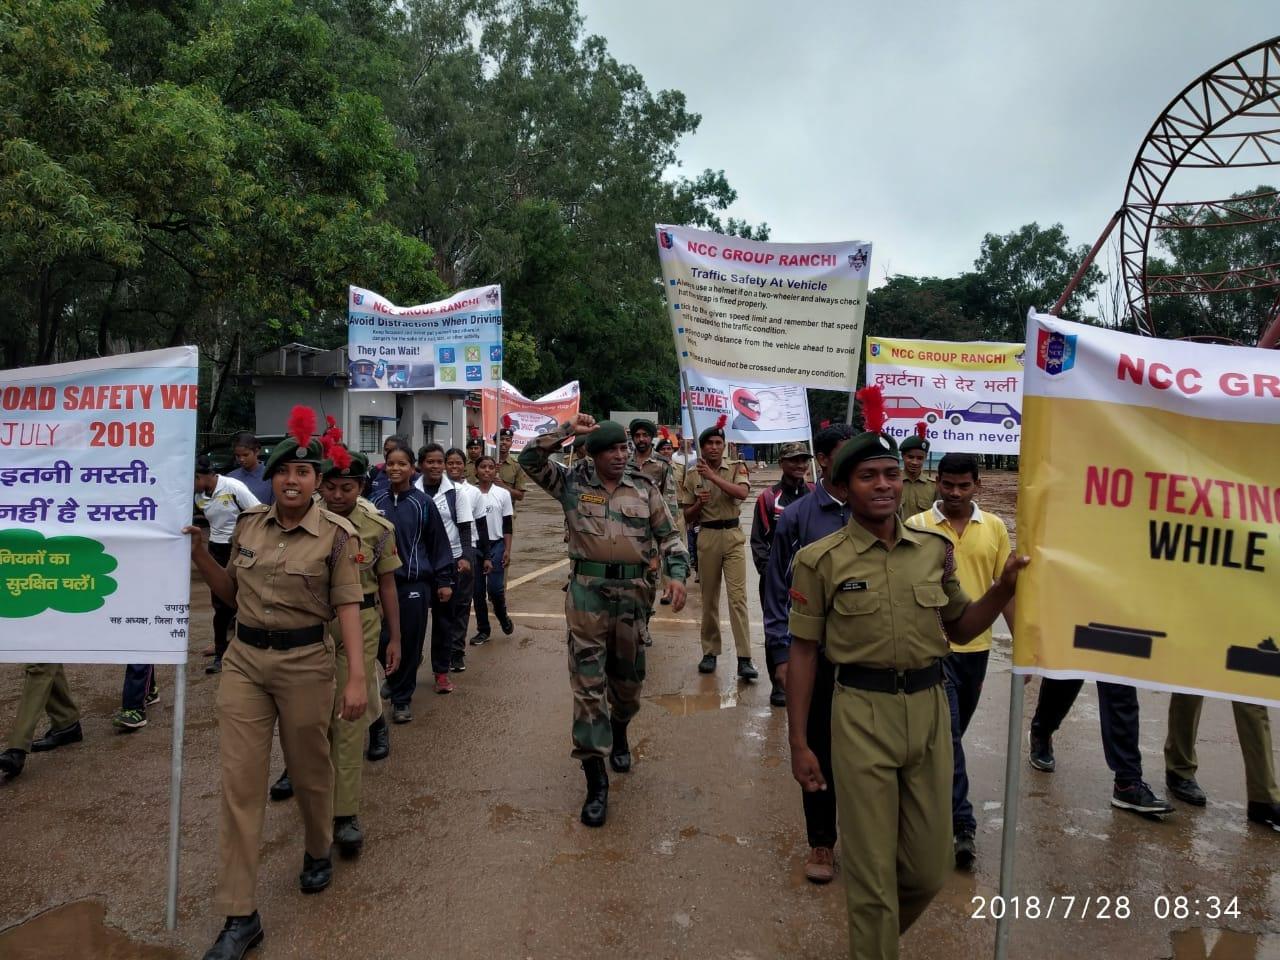 <p>रांची- मोरहाबादी में एनसीसी कैडेटों द्वारा आज सुबह राष्ट्रीय सड़क सुरक्षा जागरूकता मार्च किया गया।</p>